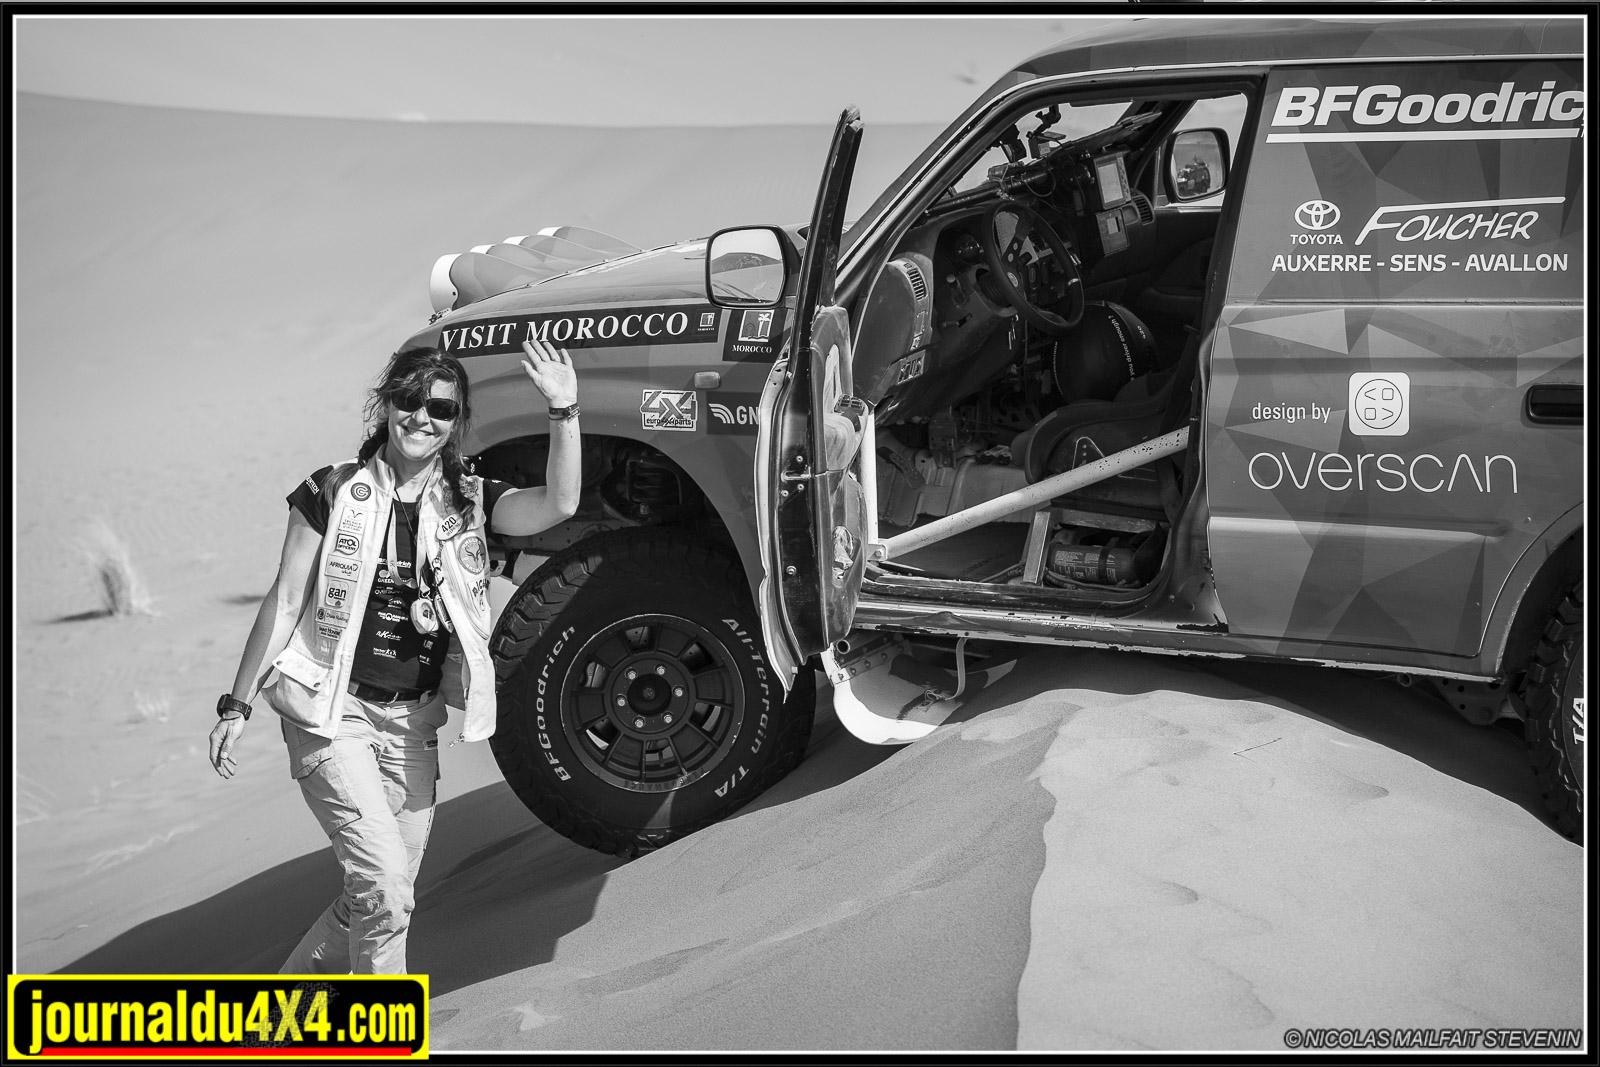 rallye-aicha-gazelles-maroc-2017-7688.jpg